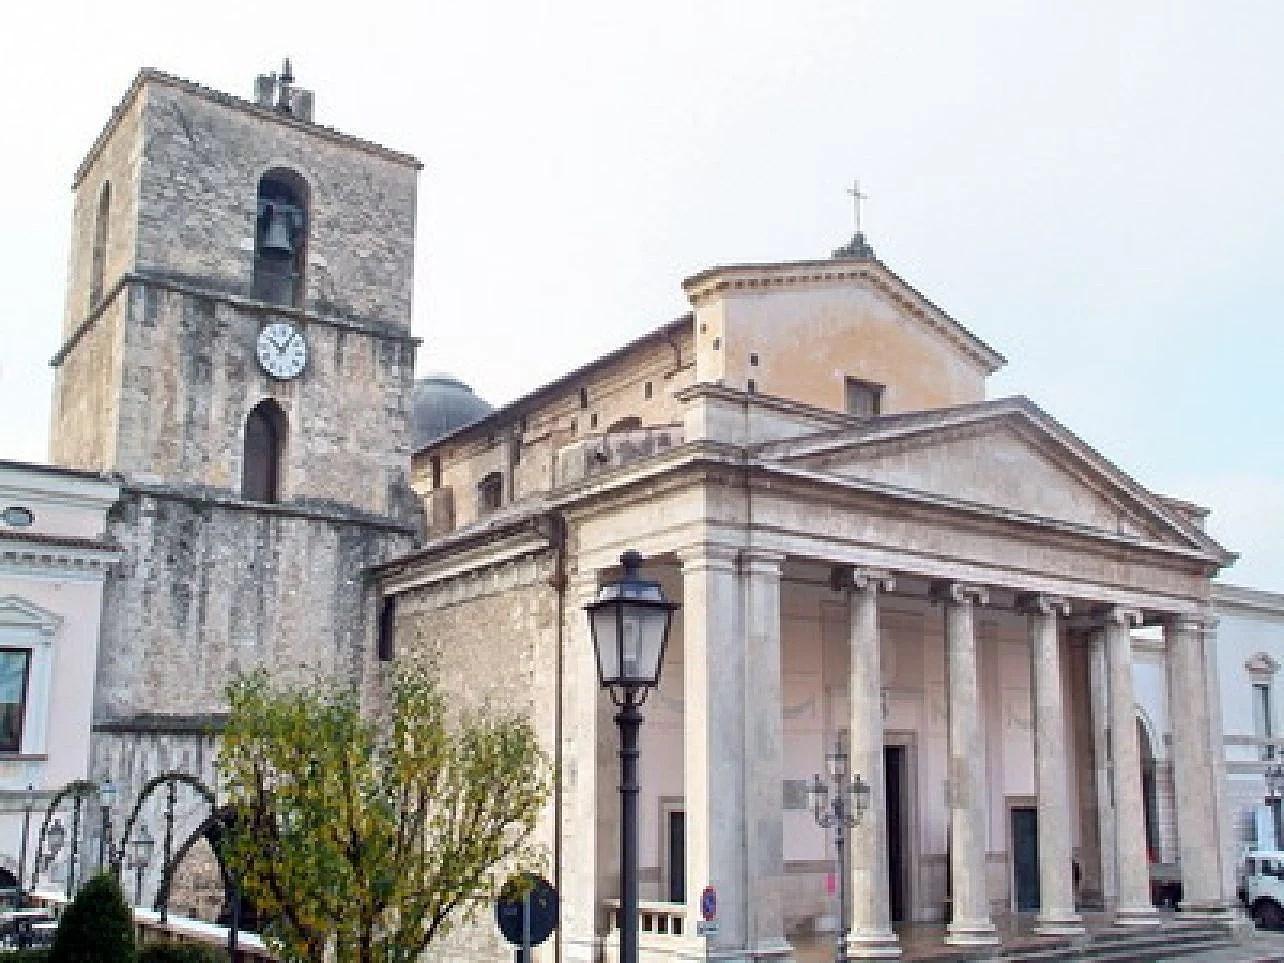 Isarnia i regionen Molise i Italien